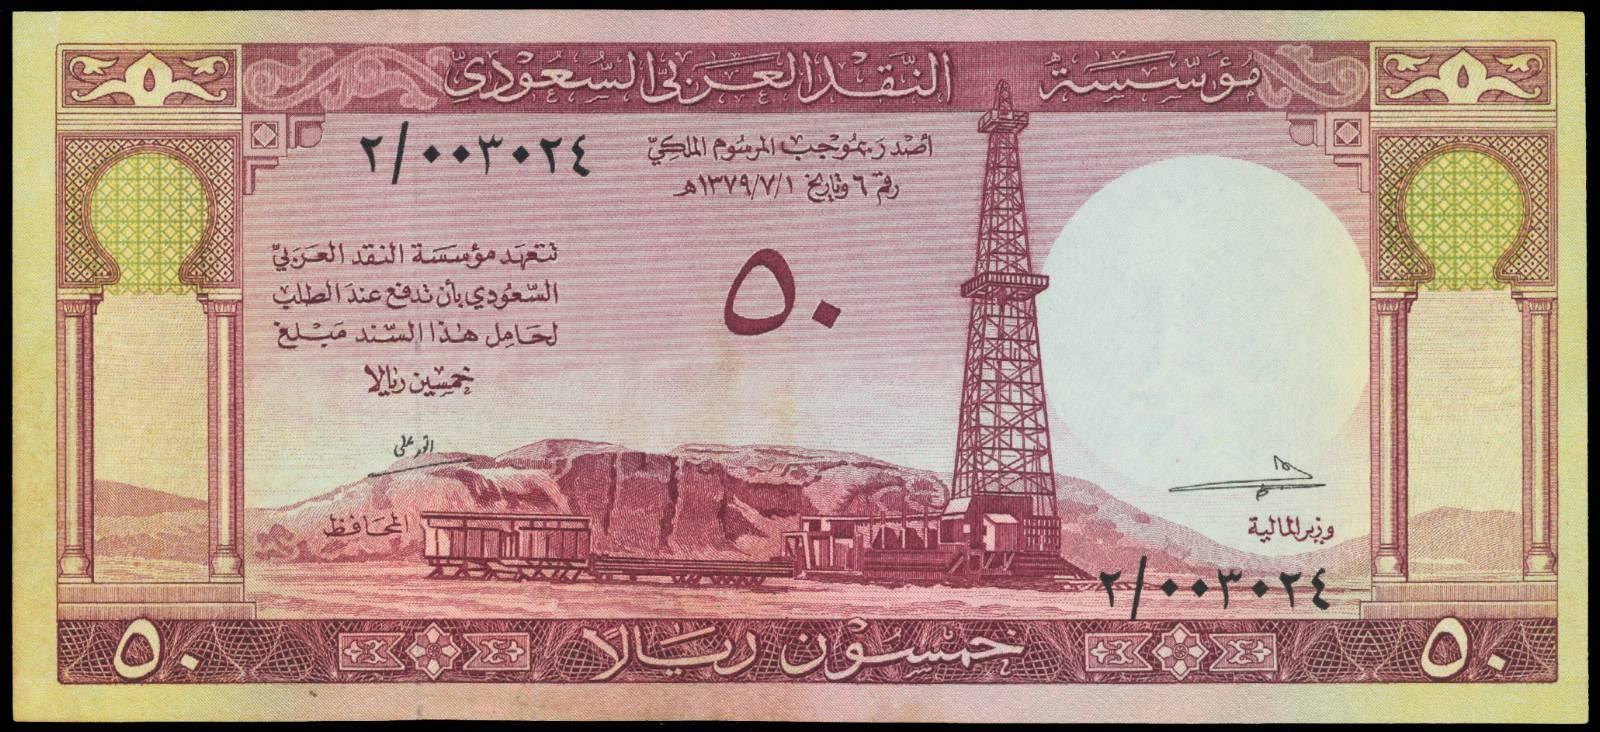 Saudi Arabia banknotes 50 Riyals note 1961 Oil derrick